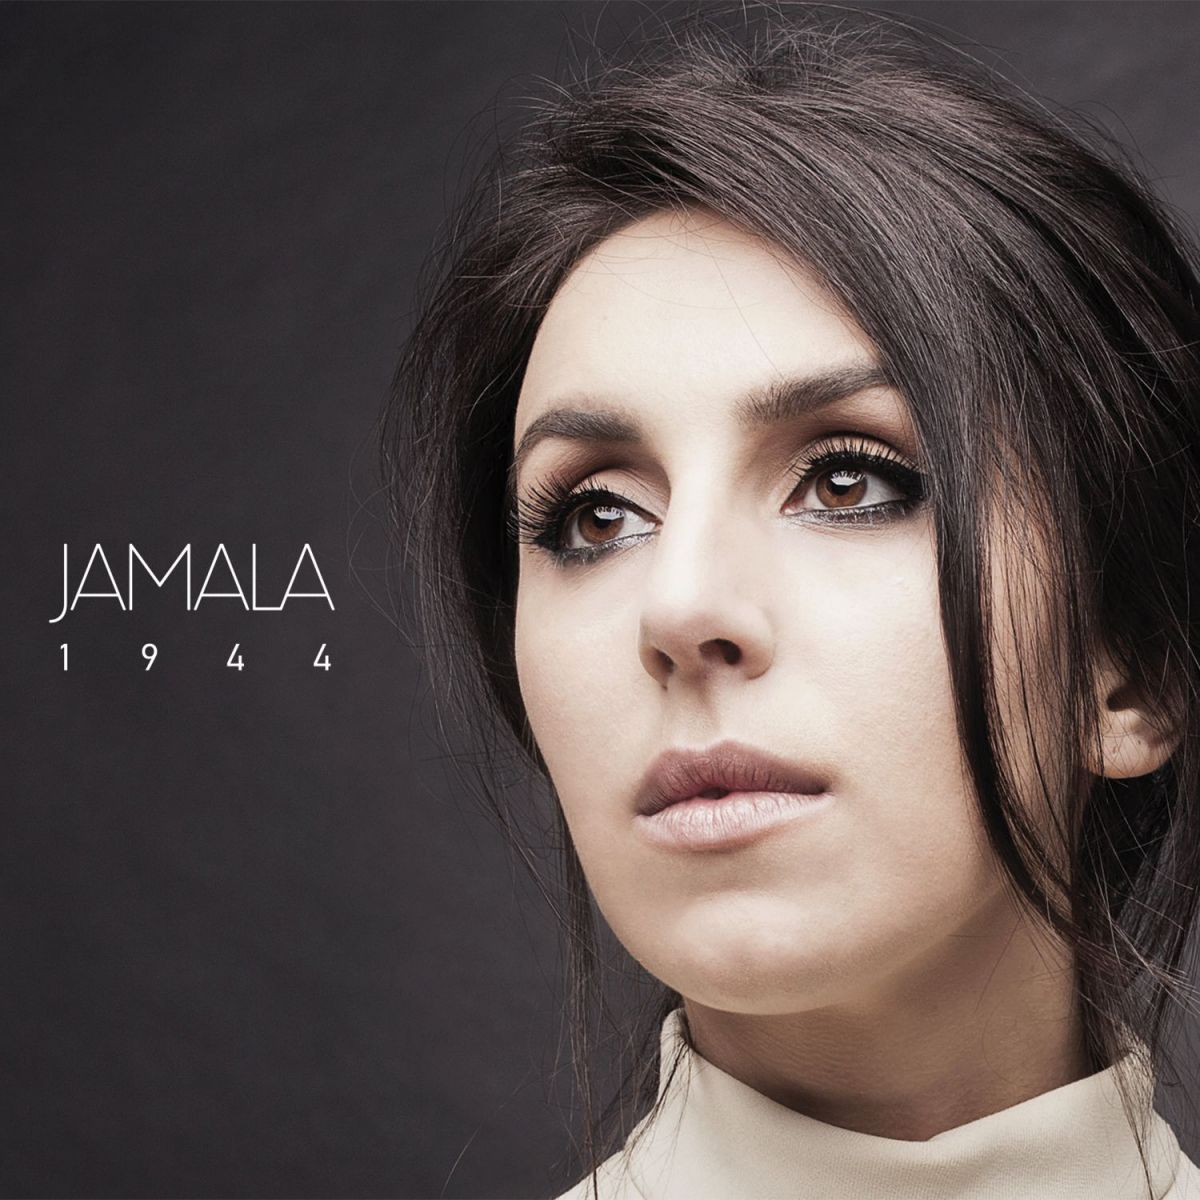 новый альбом Джамалы вышел в США